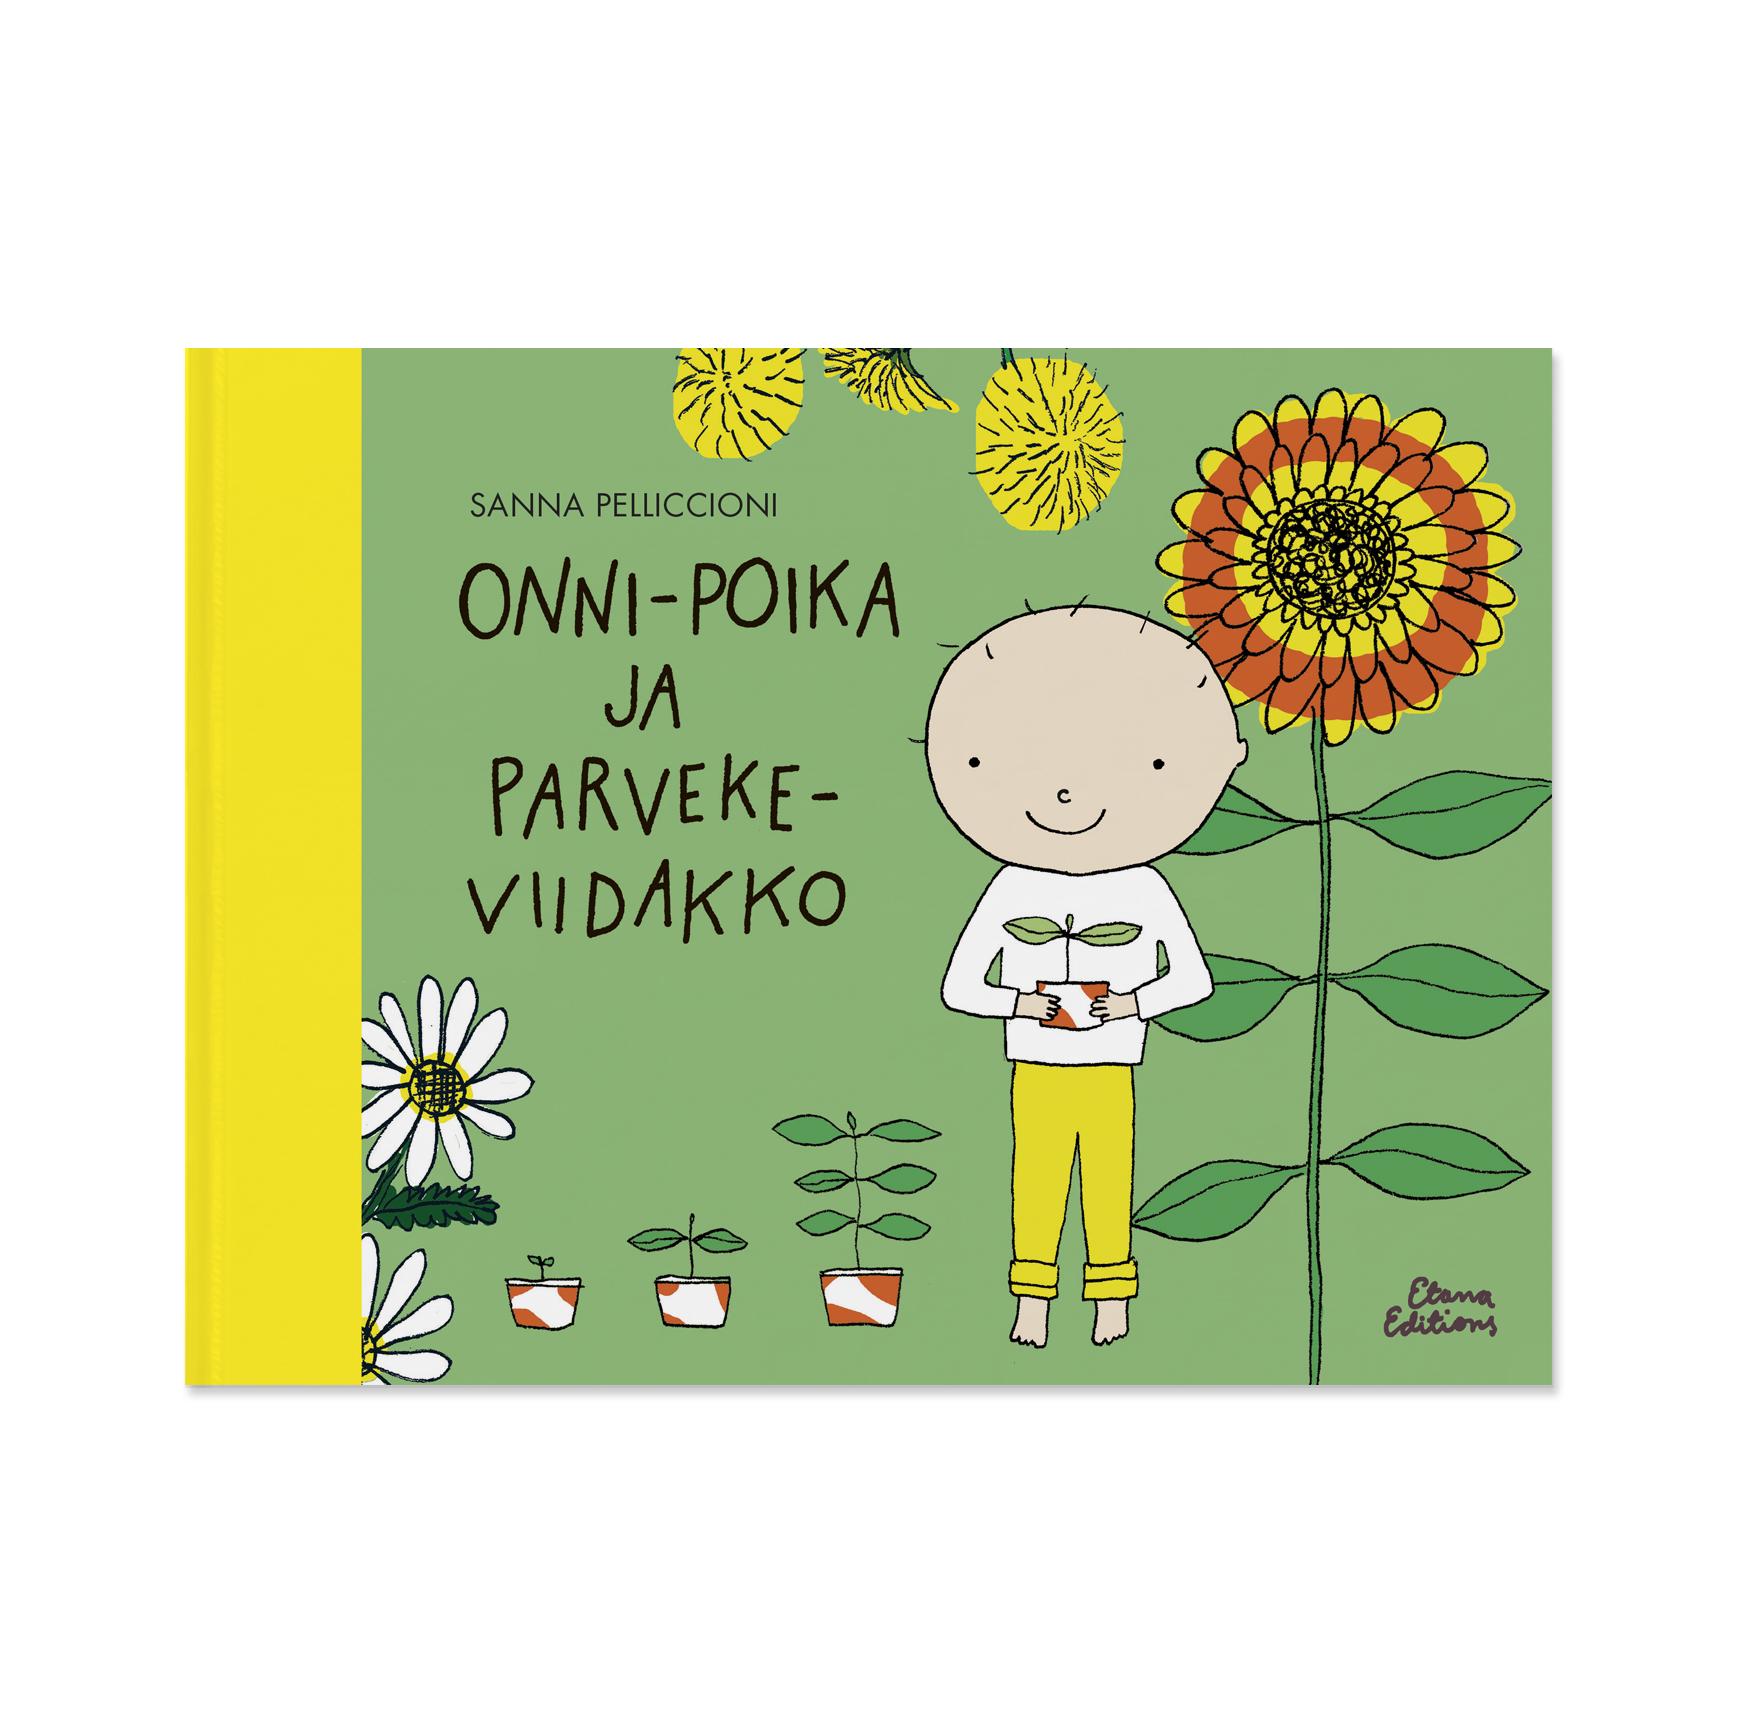 Covers_Onnipoikajaystävät_UUTUUS.jpg